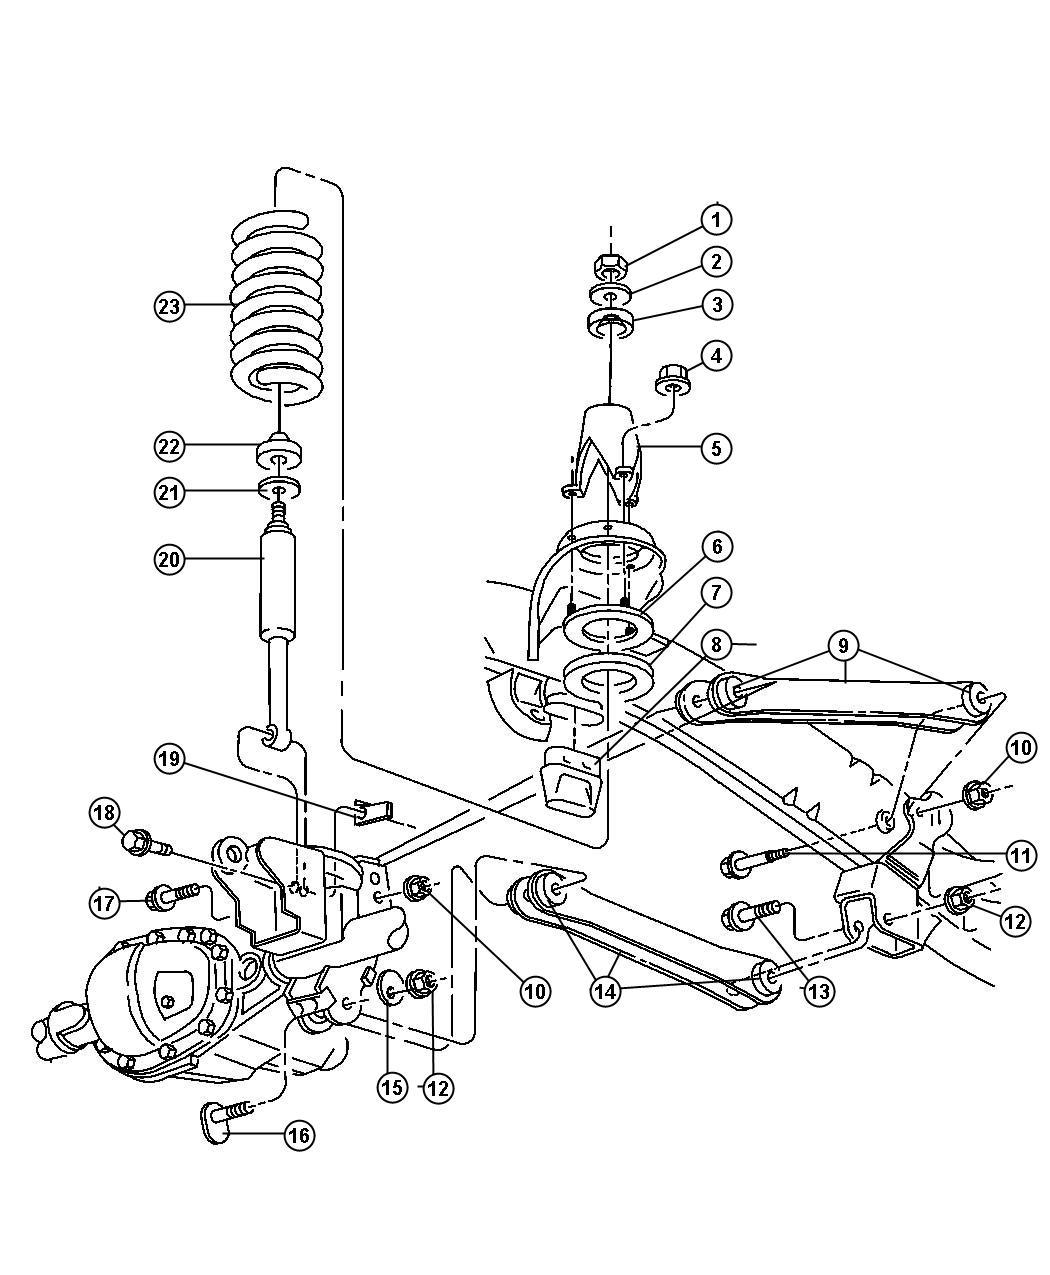 28 Dodge Ram Parts Diagram